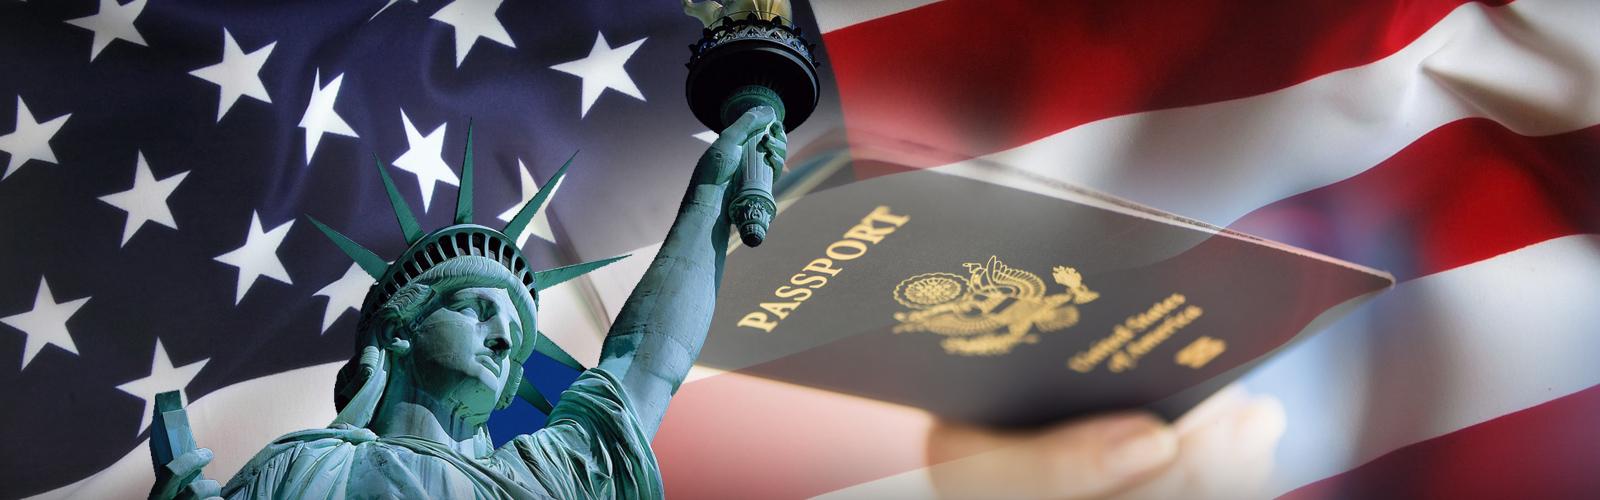 Advogada especialista em imigração explica o que  é preciso ser feito para conseguir o visto americano   com muita burocracia, mas sem dor de cabeça